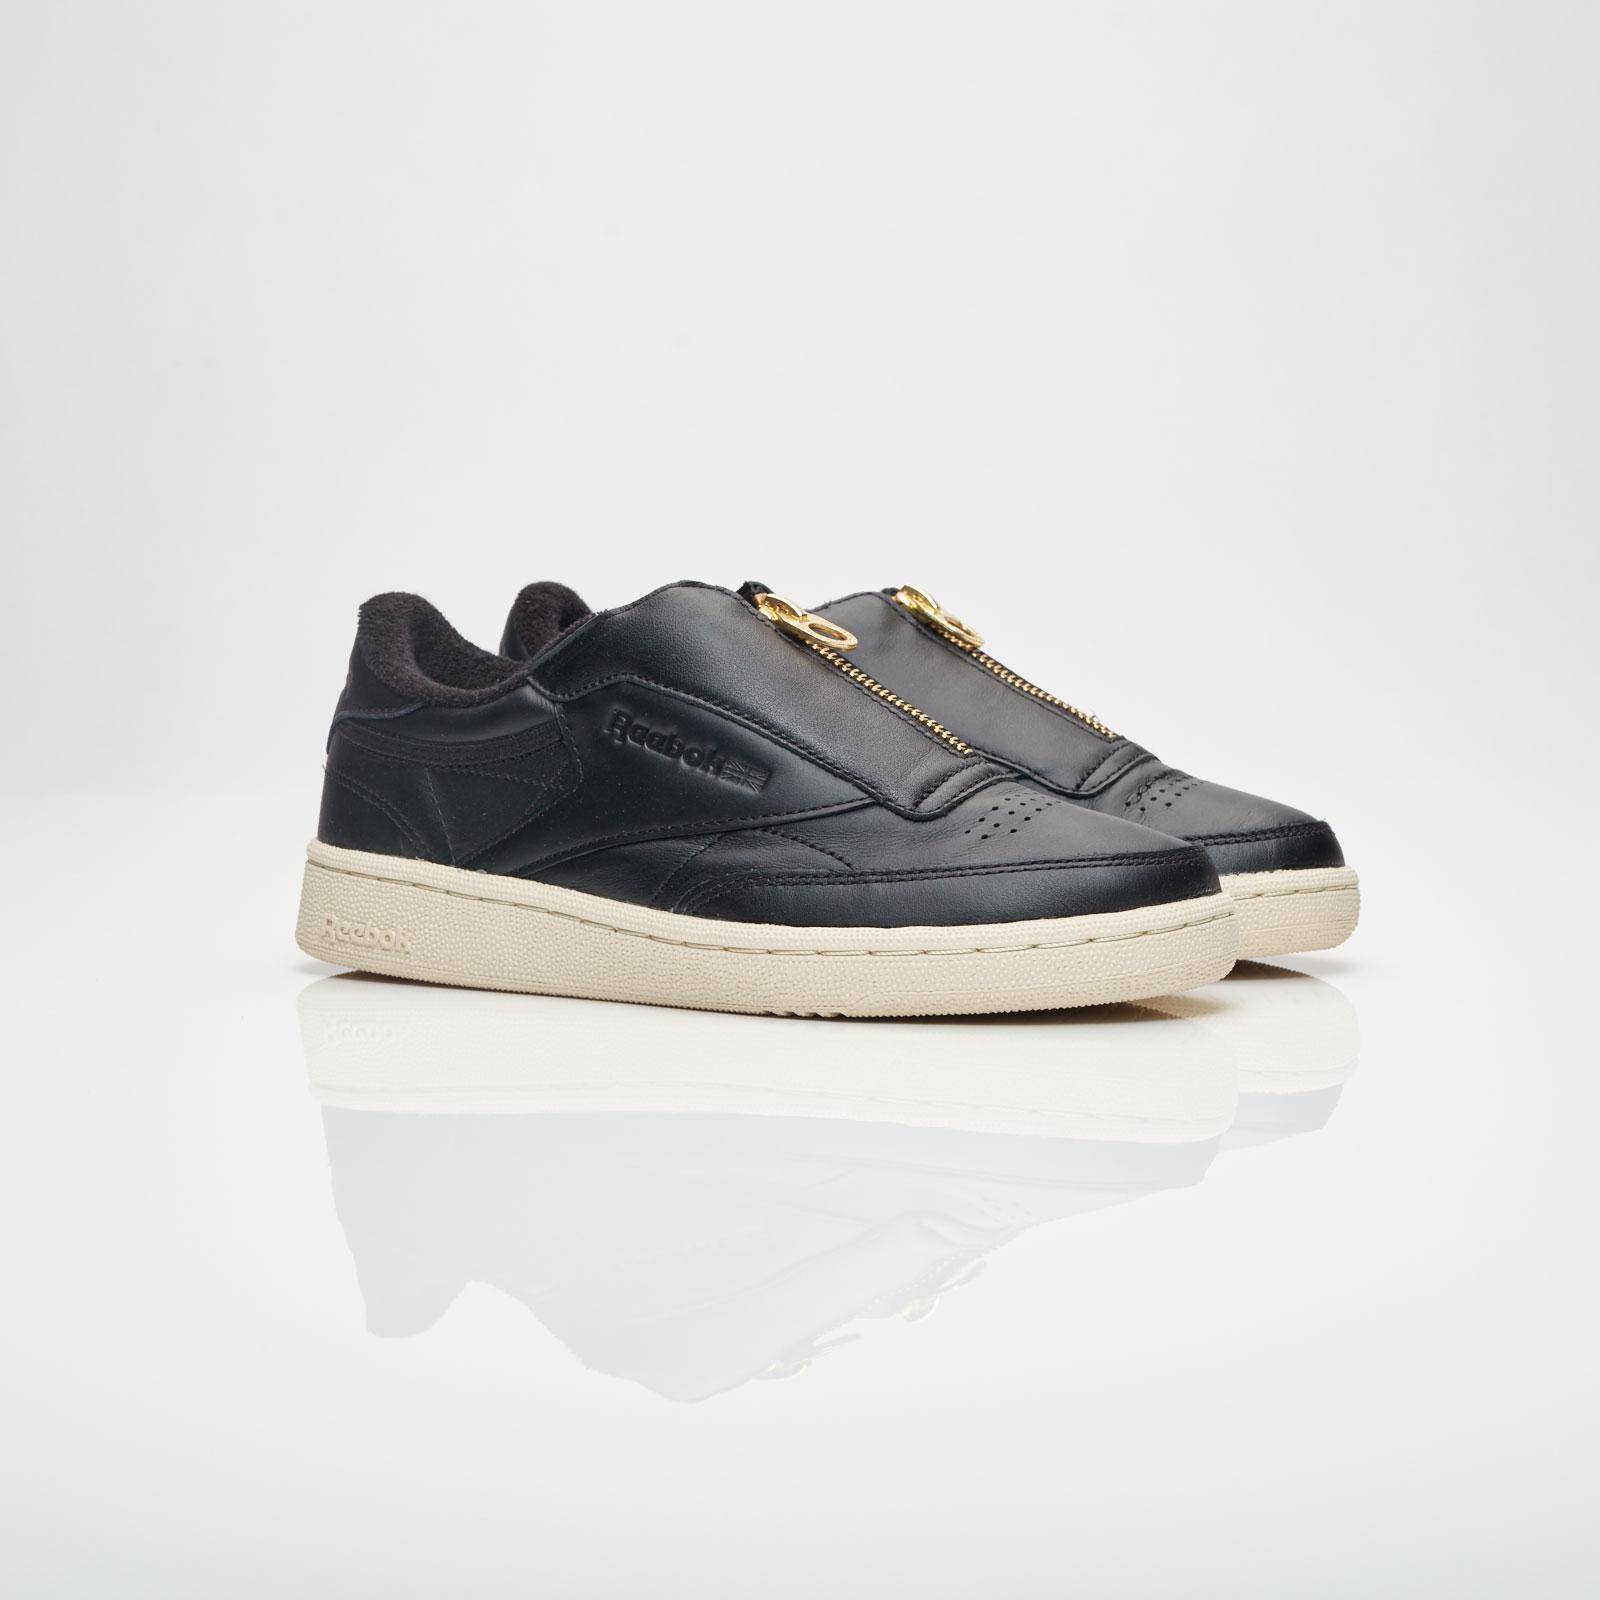 c910113c5e93 Reebok Club C 85 Zip - Bs6608 - Sneakersnstuff